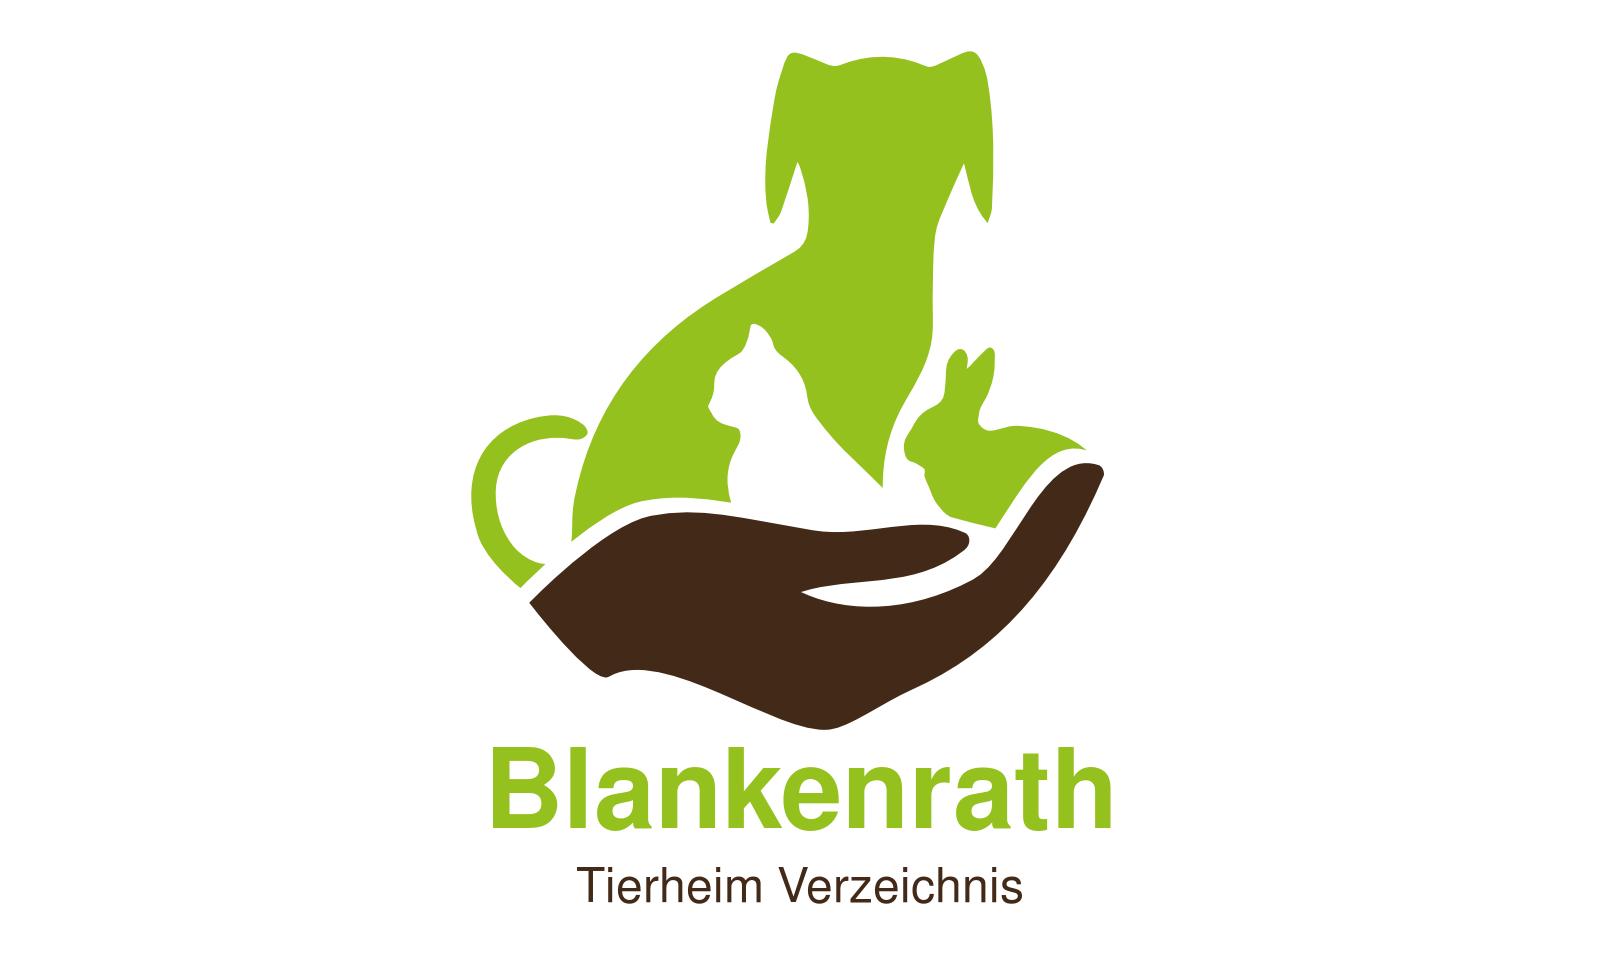 Tierheim Blankenrath